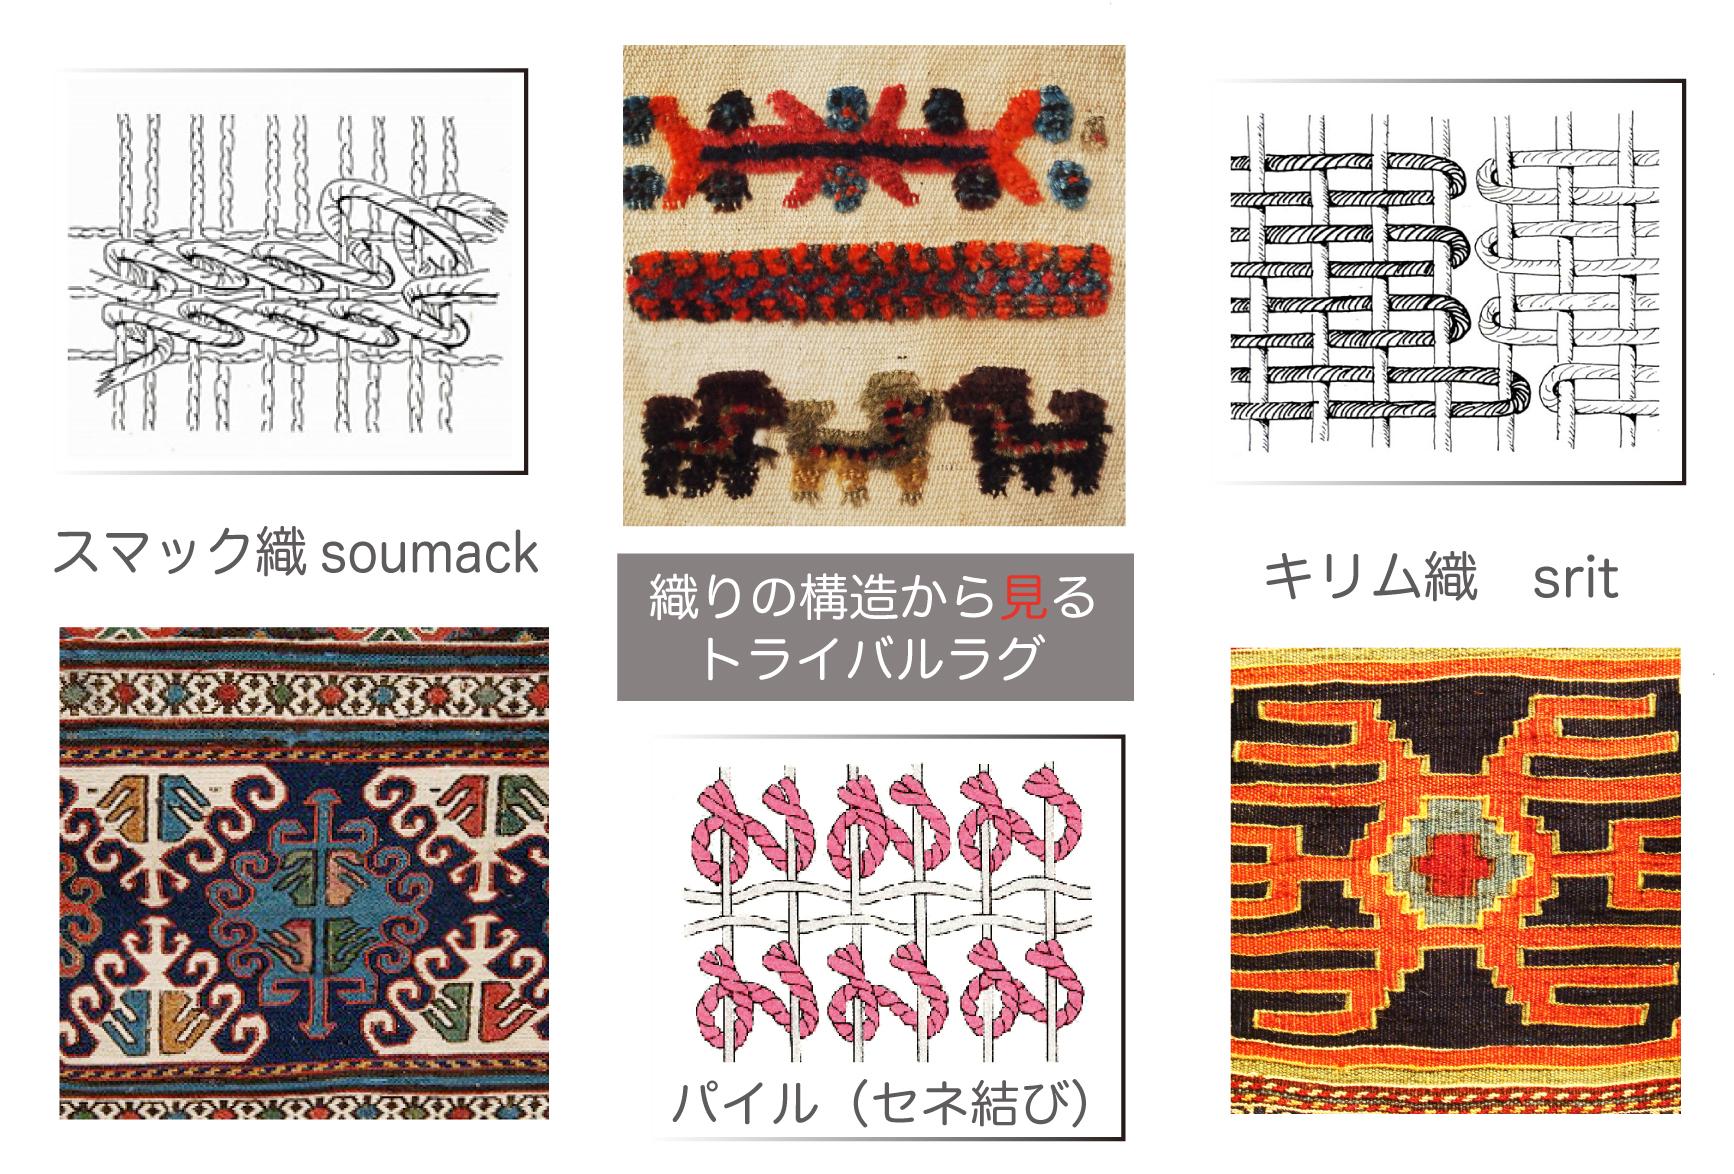 【終了】「織り技法の構造から見るトライバルラグ」展 </br>2016.1.19(tue)~31(sun)